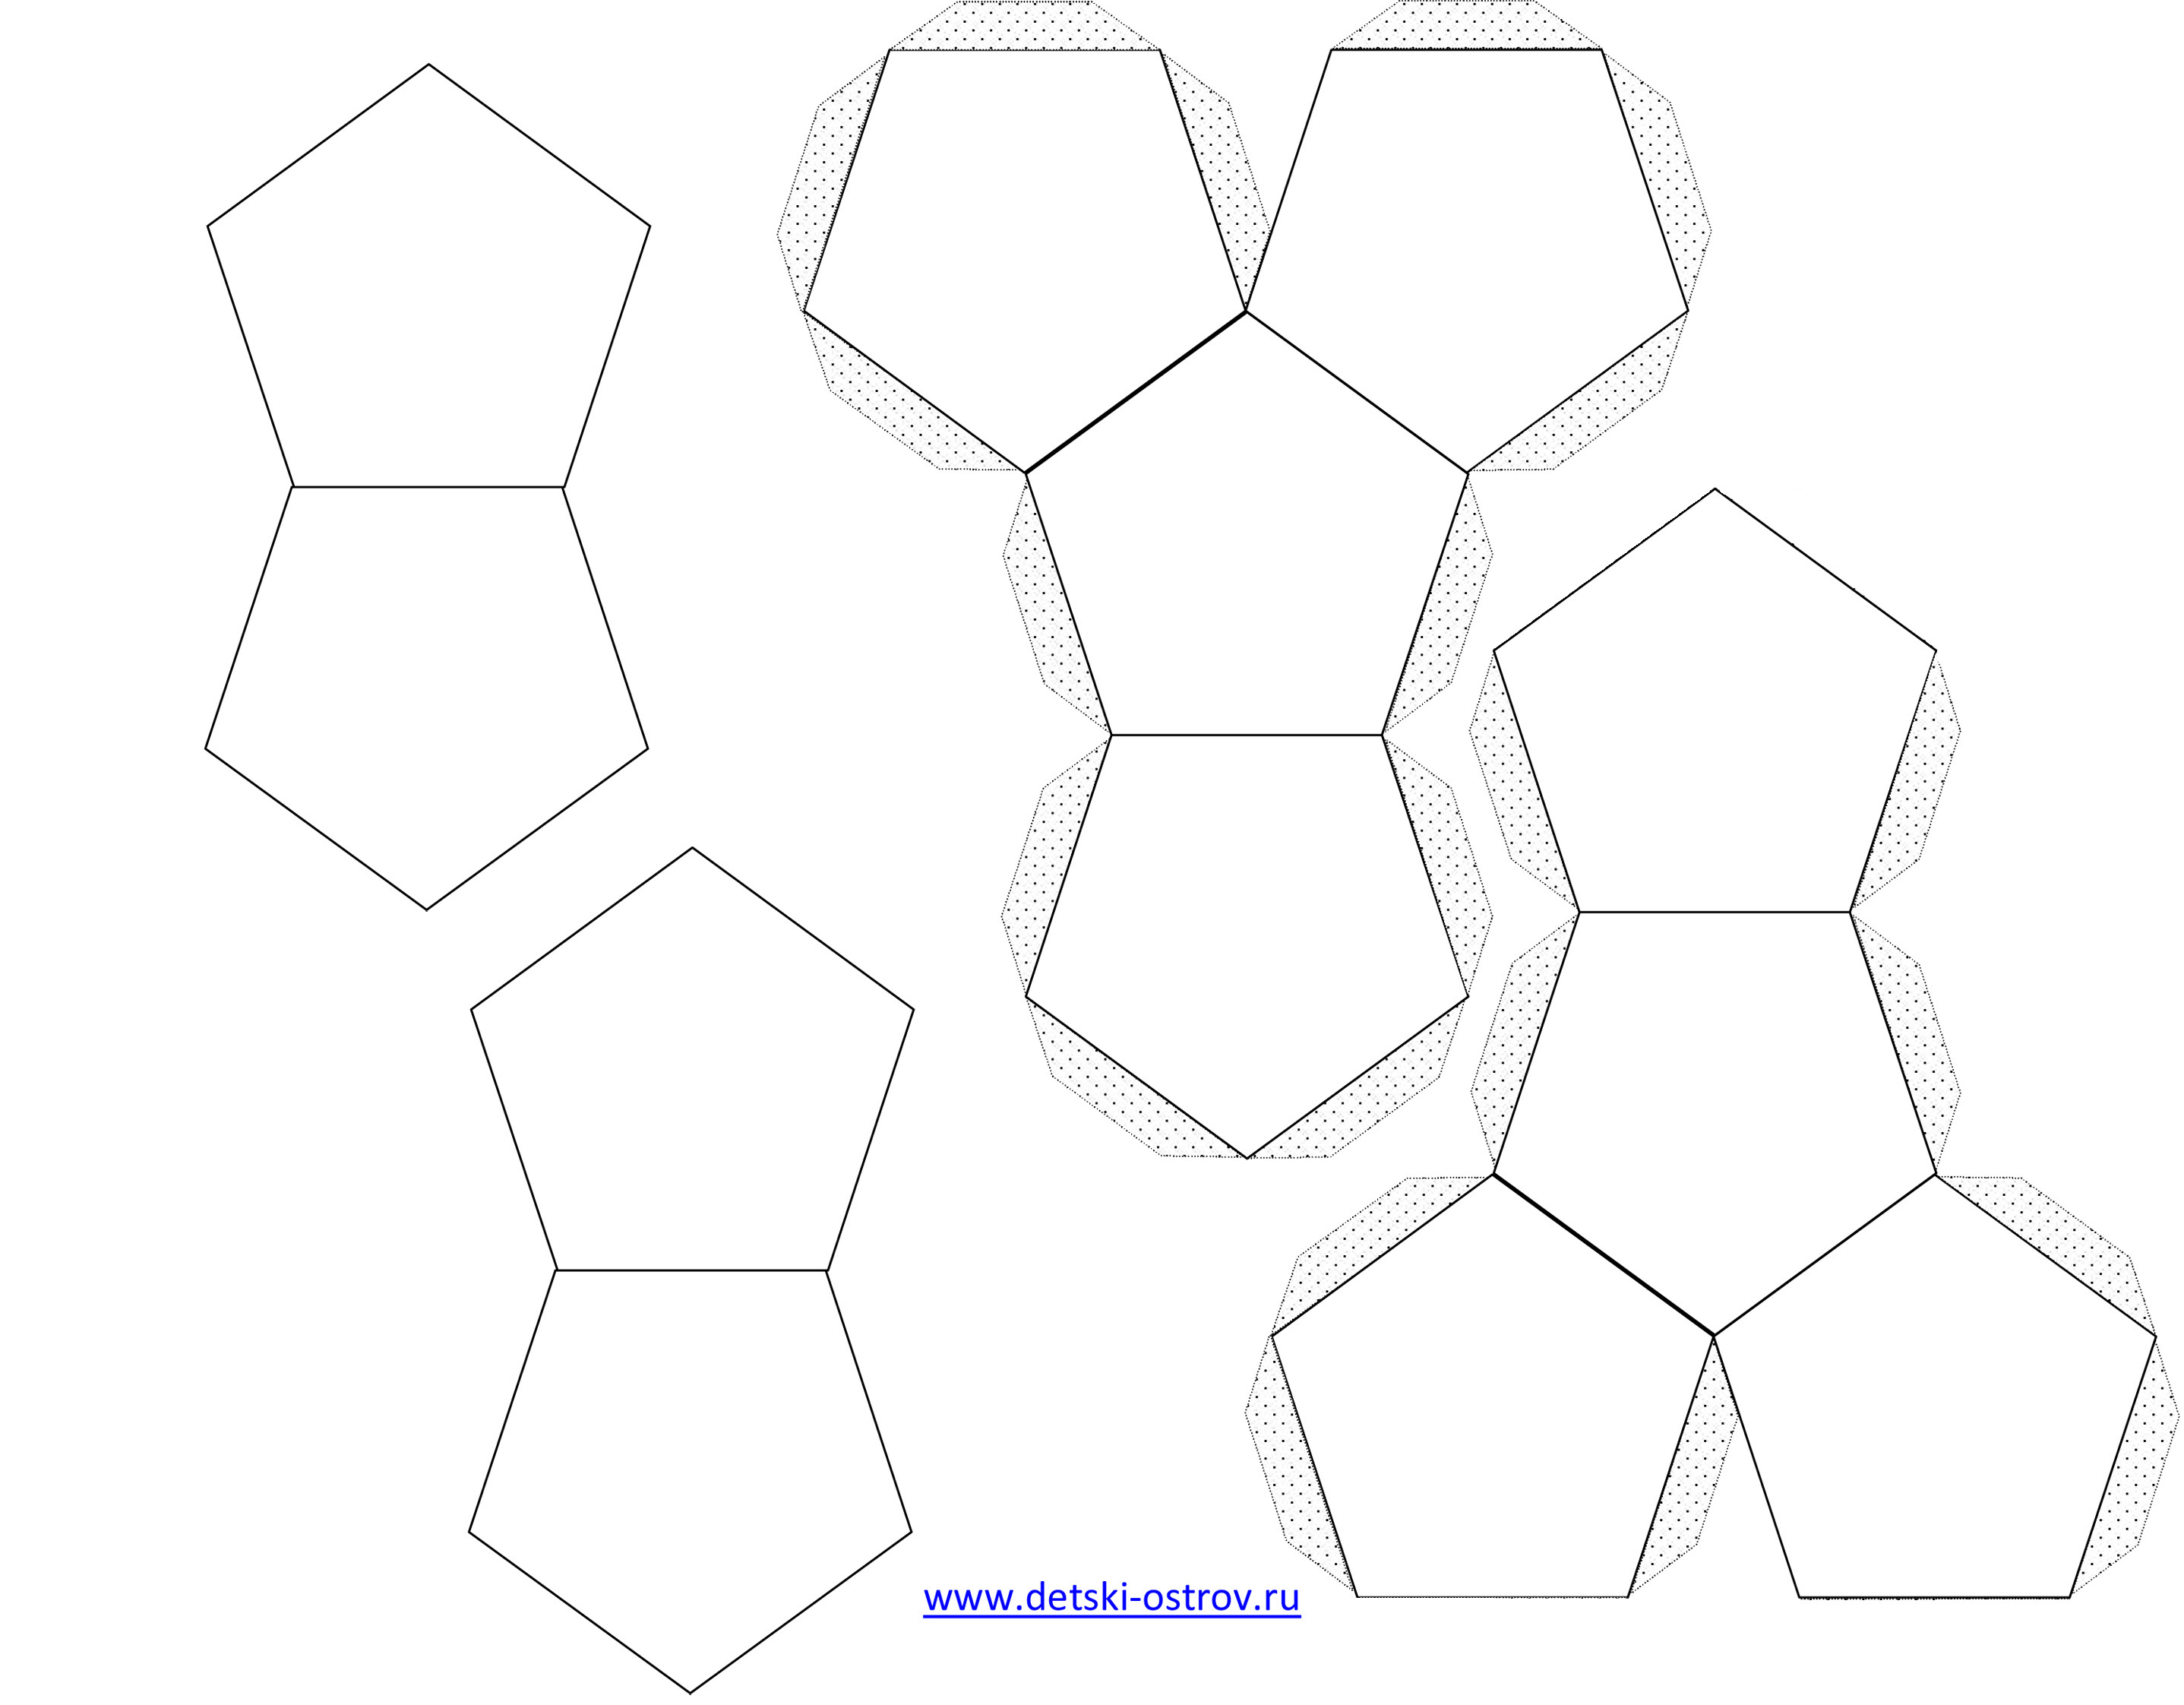 Как сделать объемные фигуры из бумаги своими руками схемы шаблоны 9